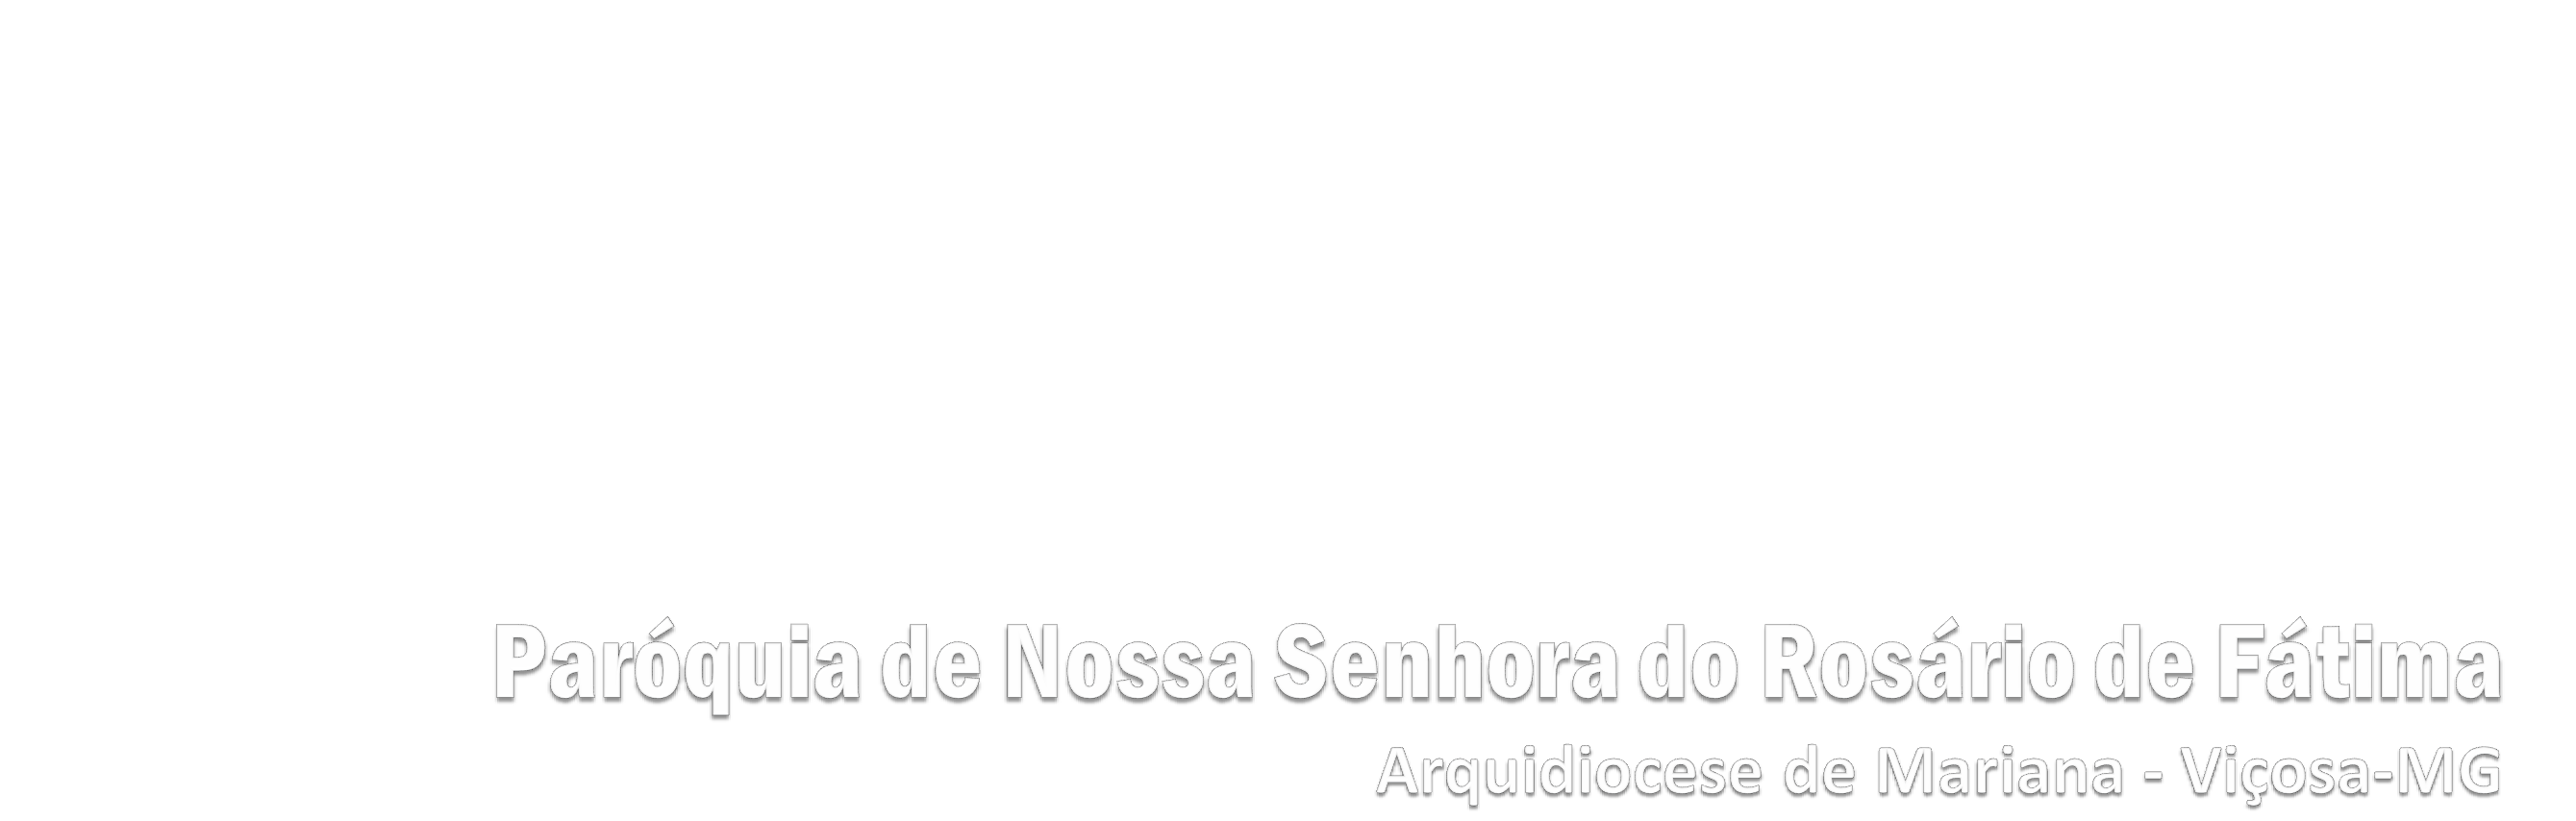 Paróquia Nossa Senhora do Rosário de Fátima | Arquidiocese de Mariana - Viçosa - MG Logo